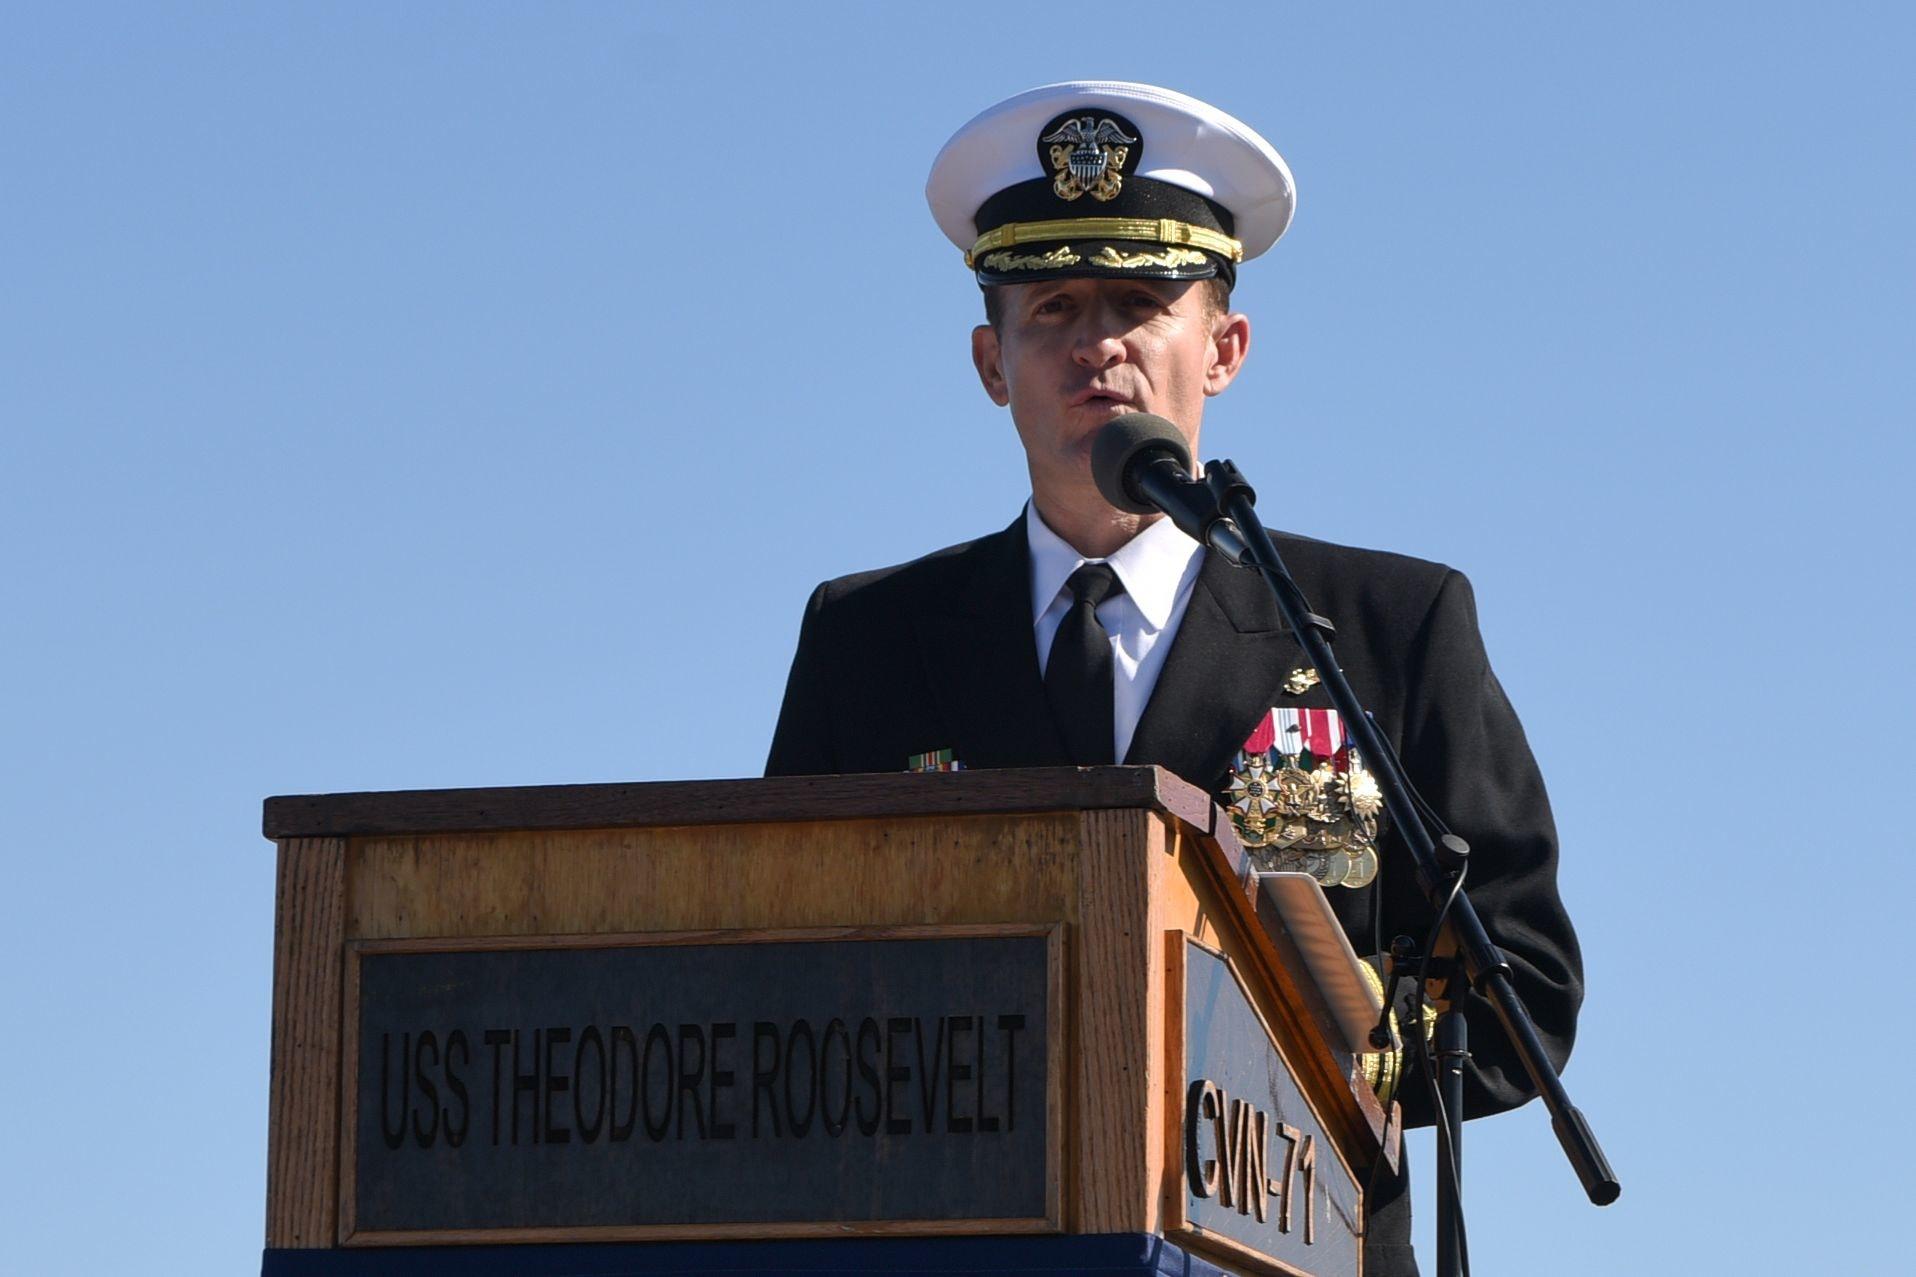 上周被撤职的「罗斯福号」航母舰长经新冠病毒的检测证实为阳性。(Getty Images)